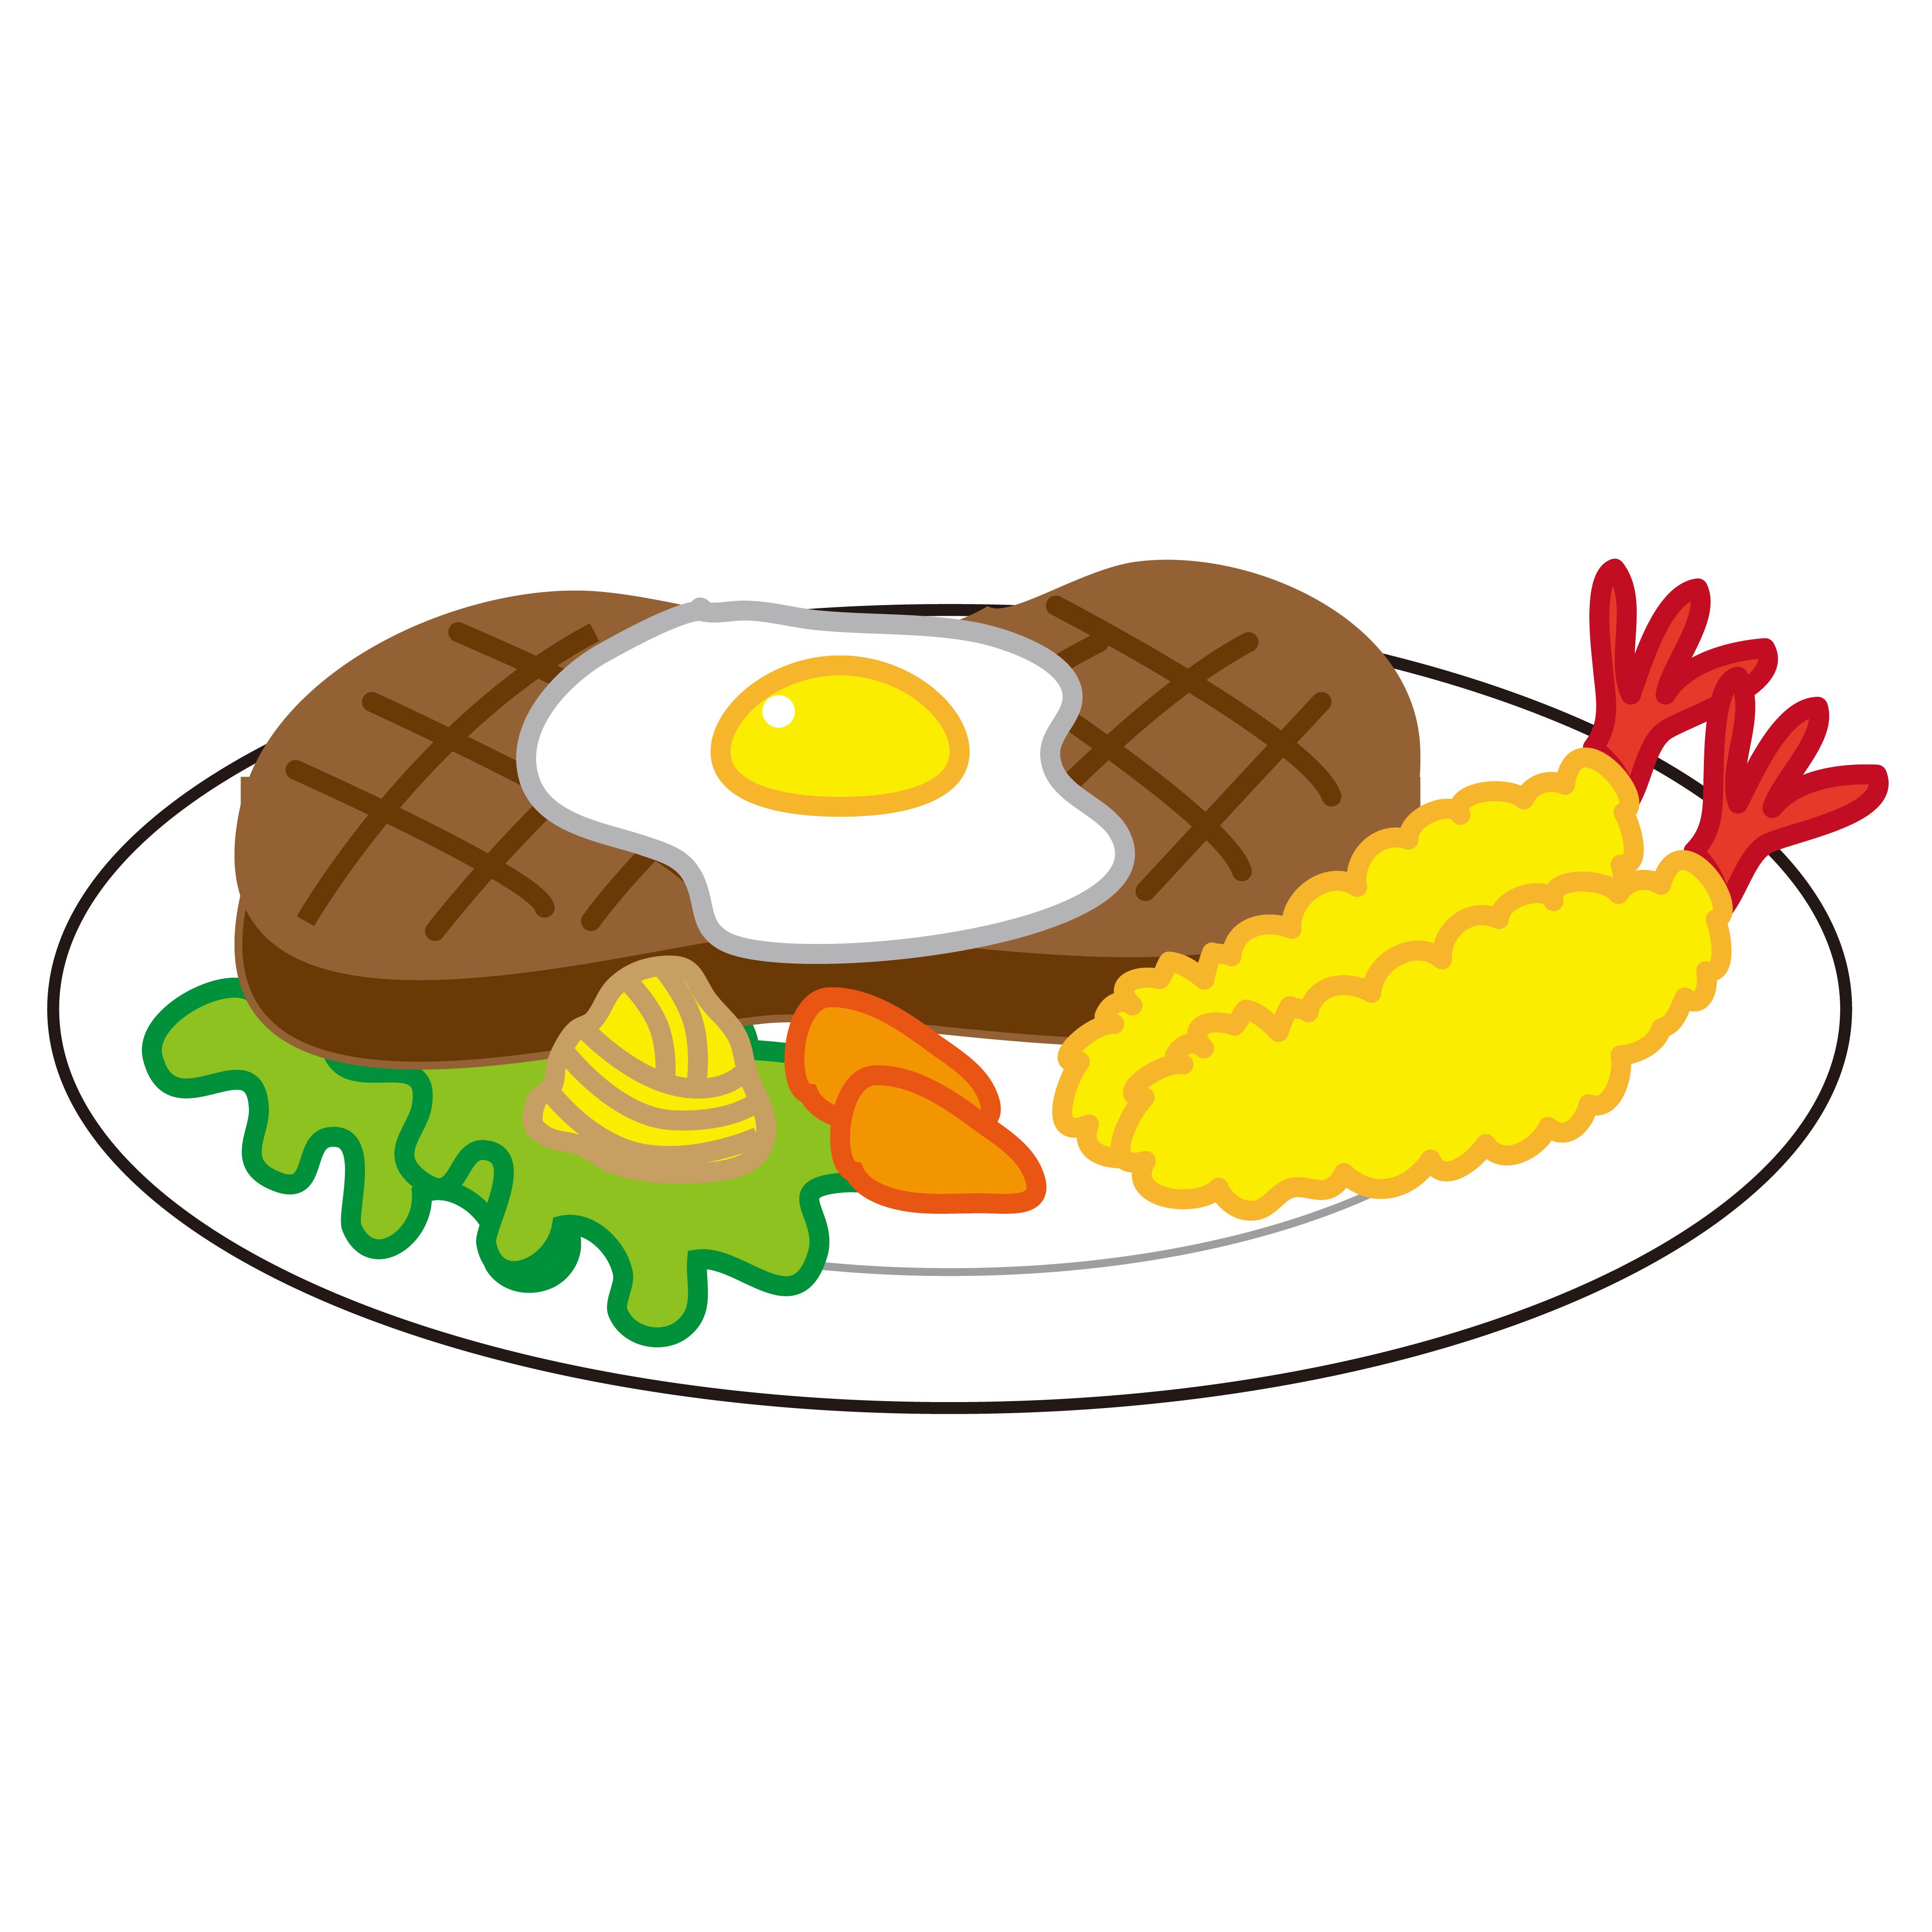 食べるダイエット5か月で7.4gの減量に成功した手法とは